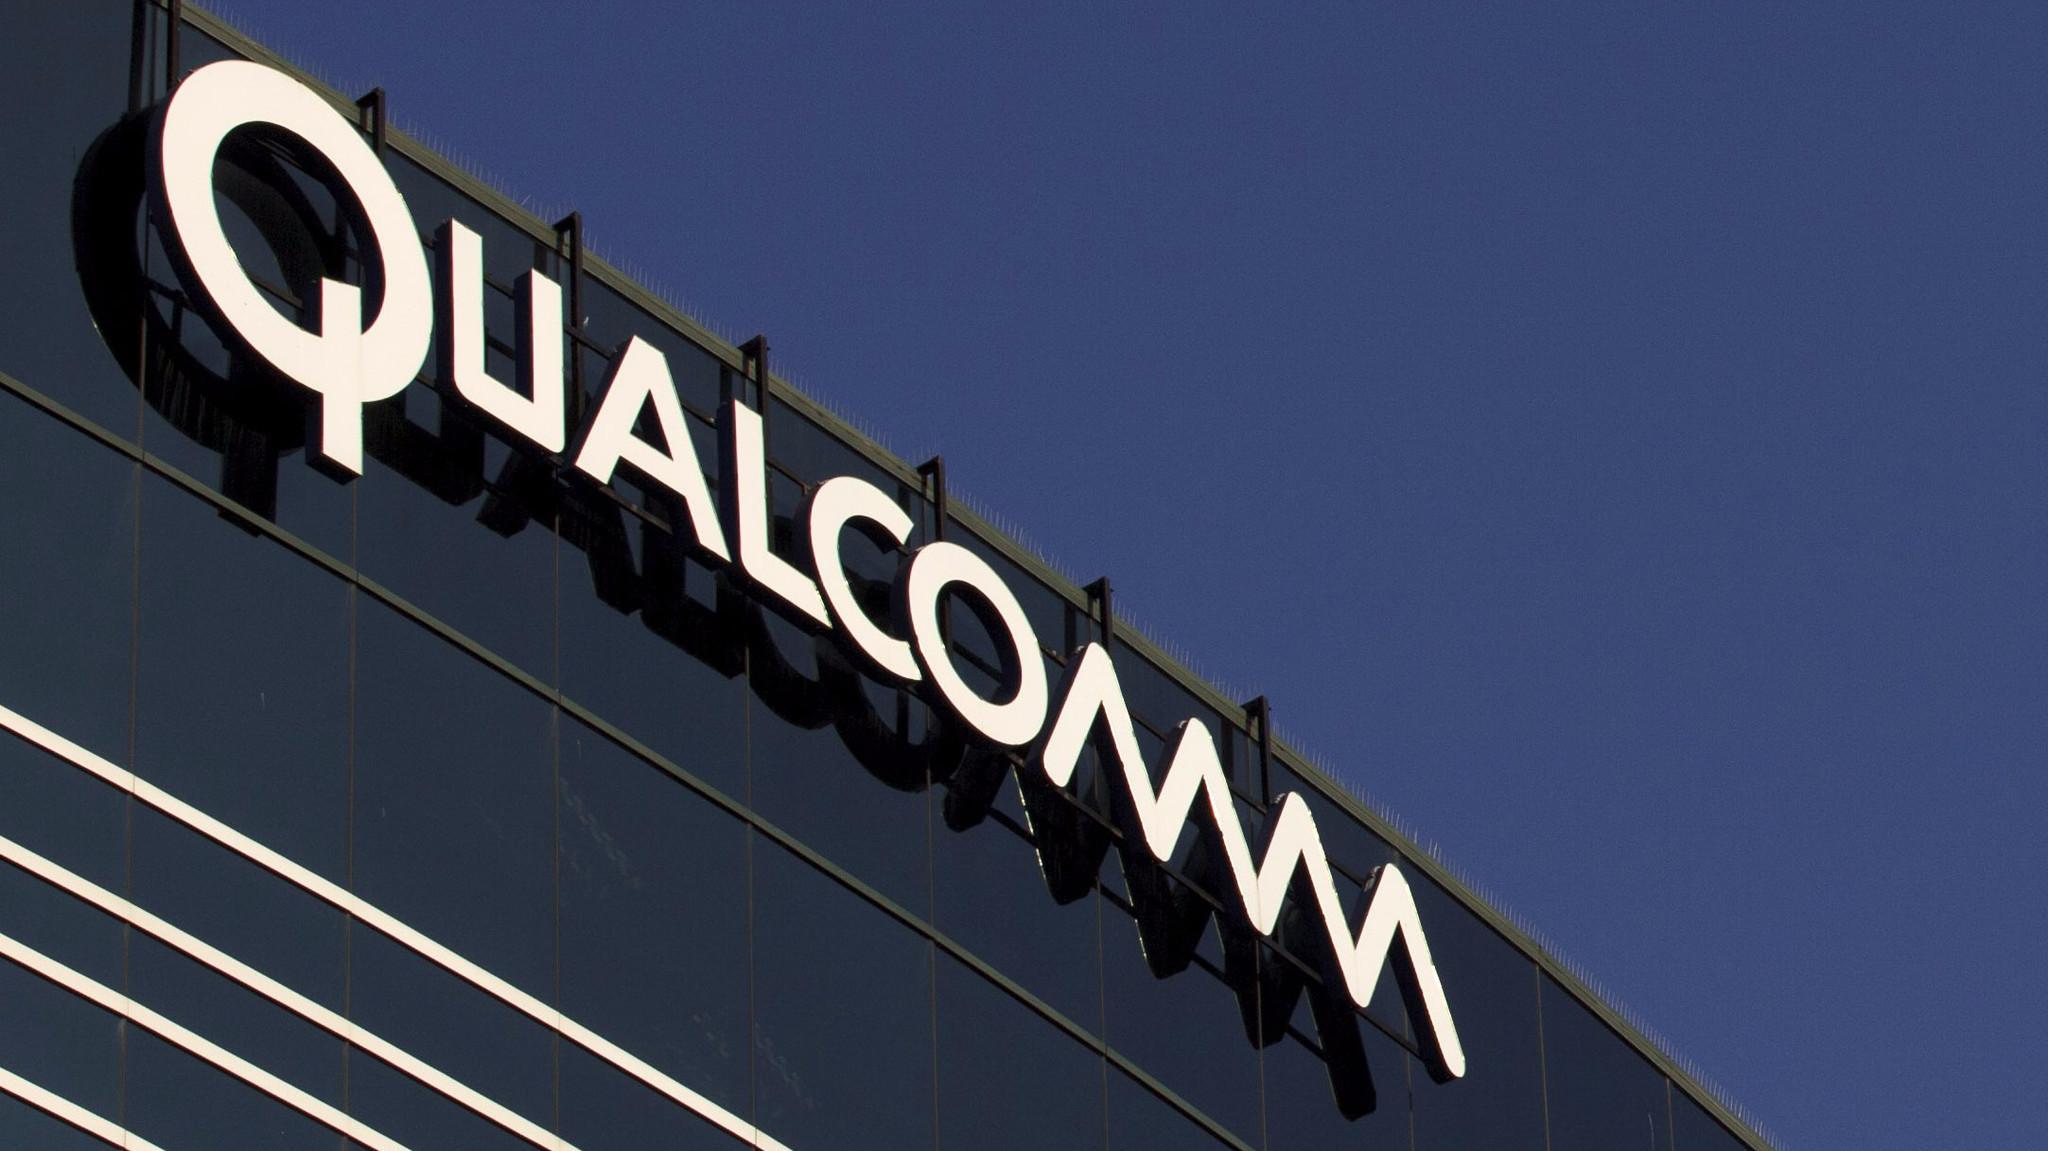 Qualcomm is accused of anti-competitive tactics